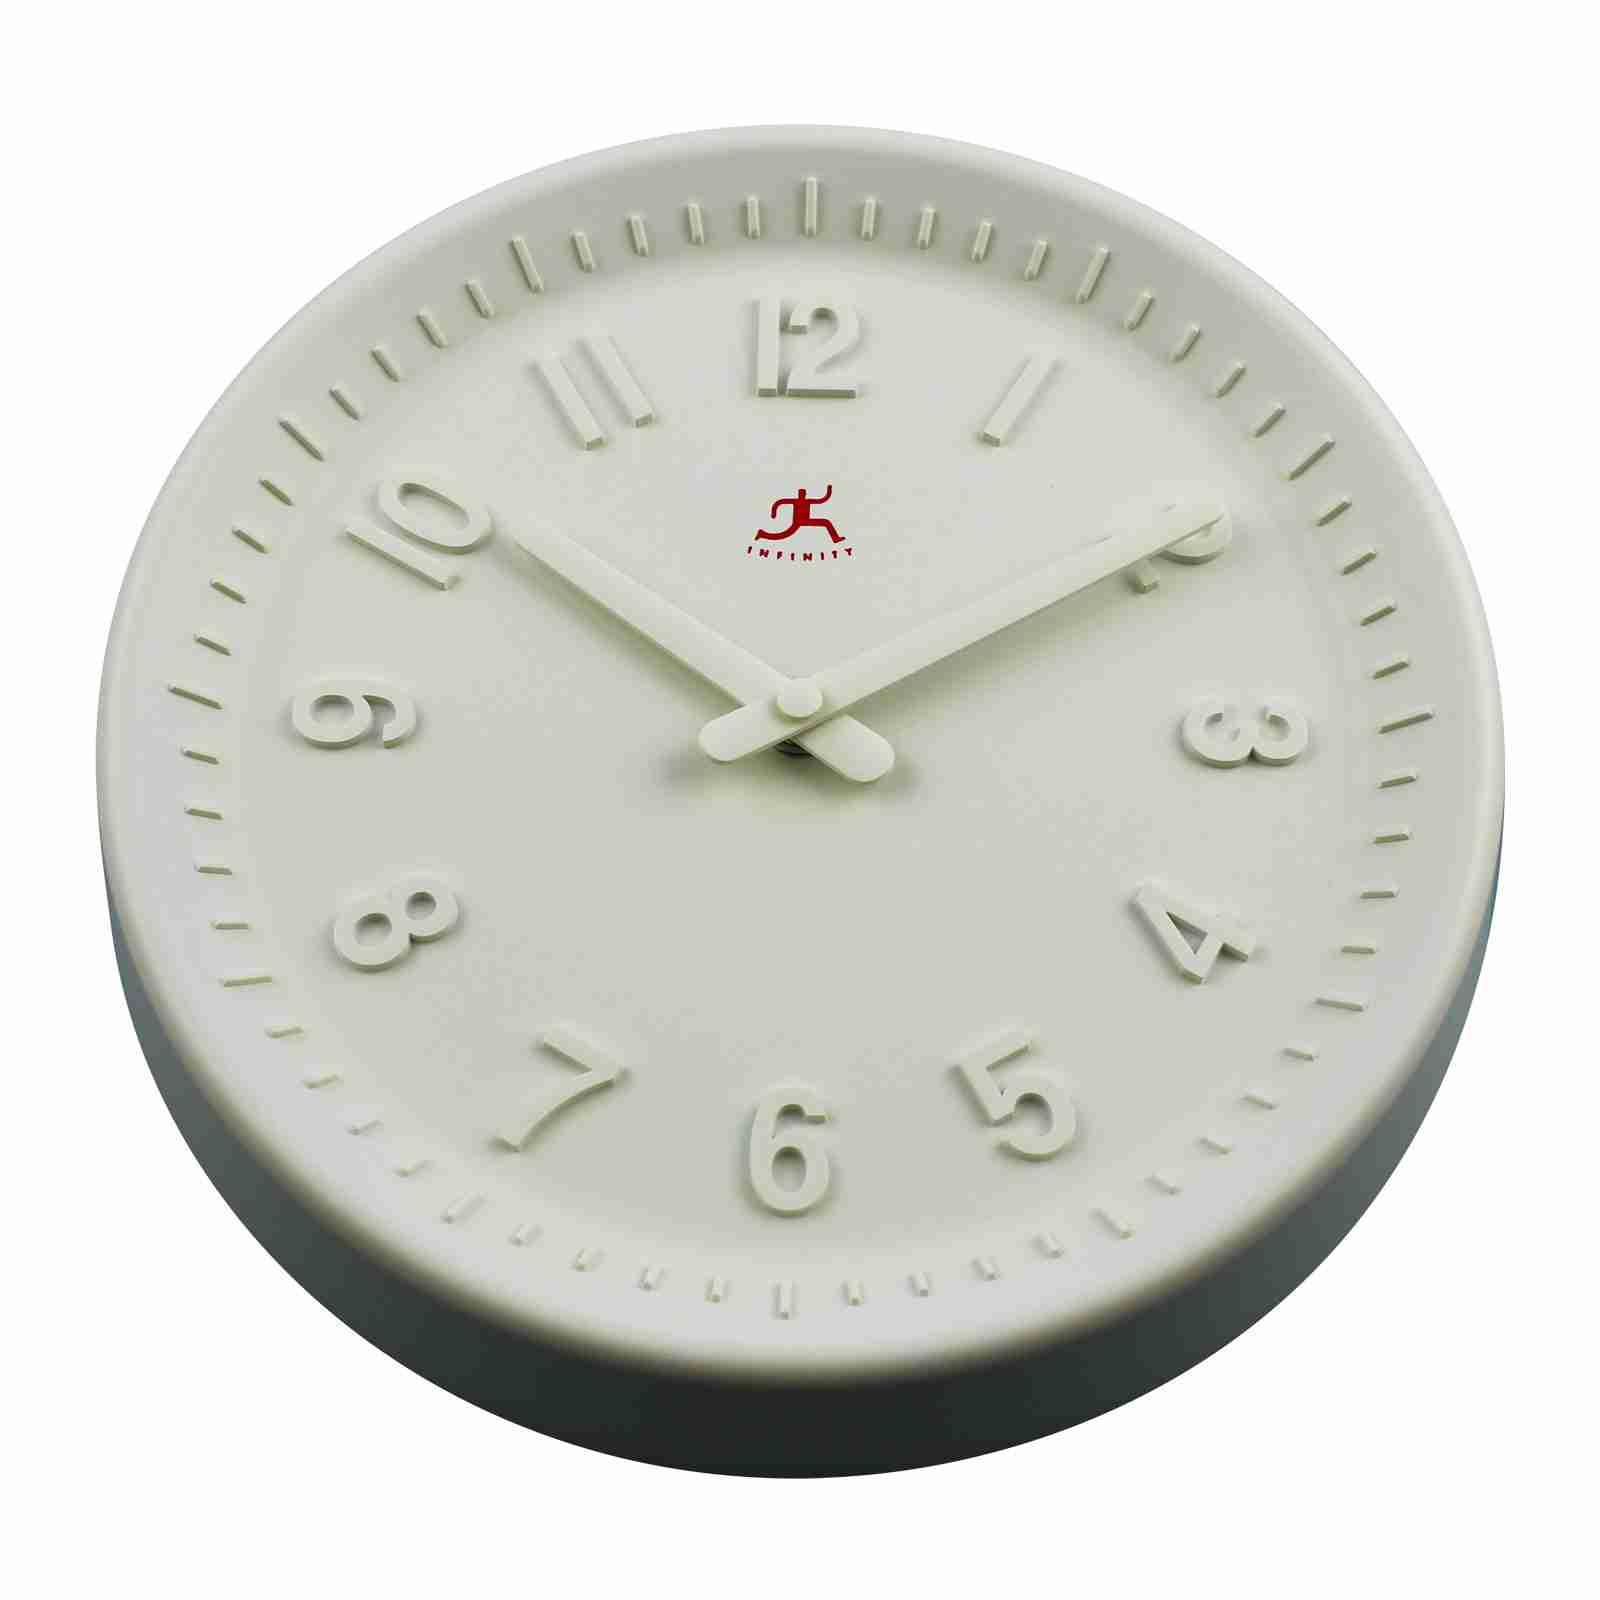 Vanilla White Wall Clock by Infinity